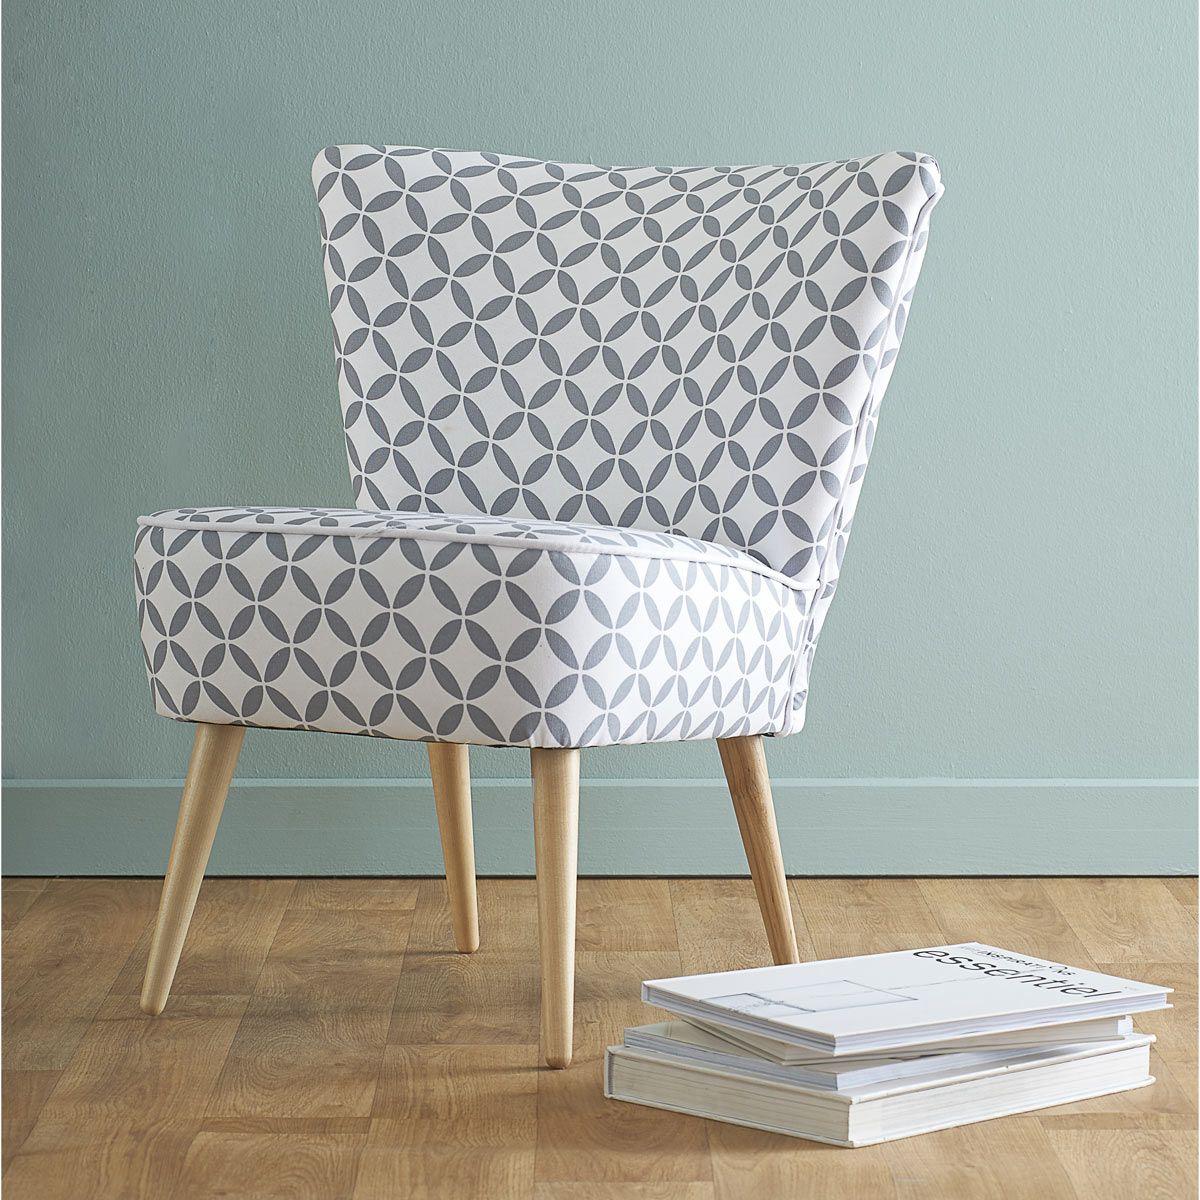 fauteuil imprim vintage scandinave maisons du monde with chaise acapulco maison du monde. Black Bedroom Furniture Sets. Home Design Ideas